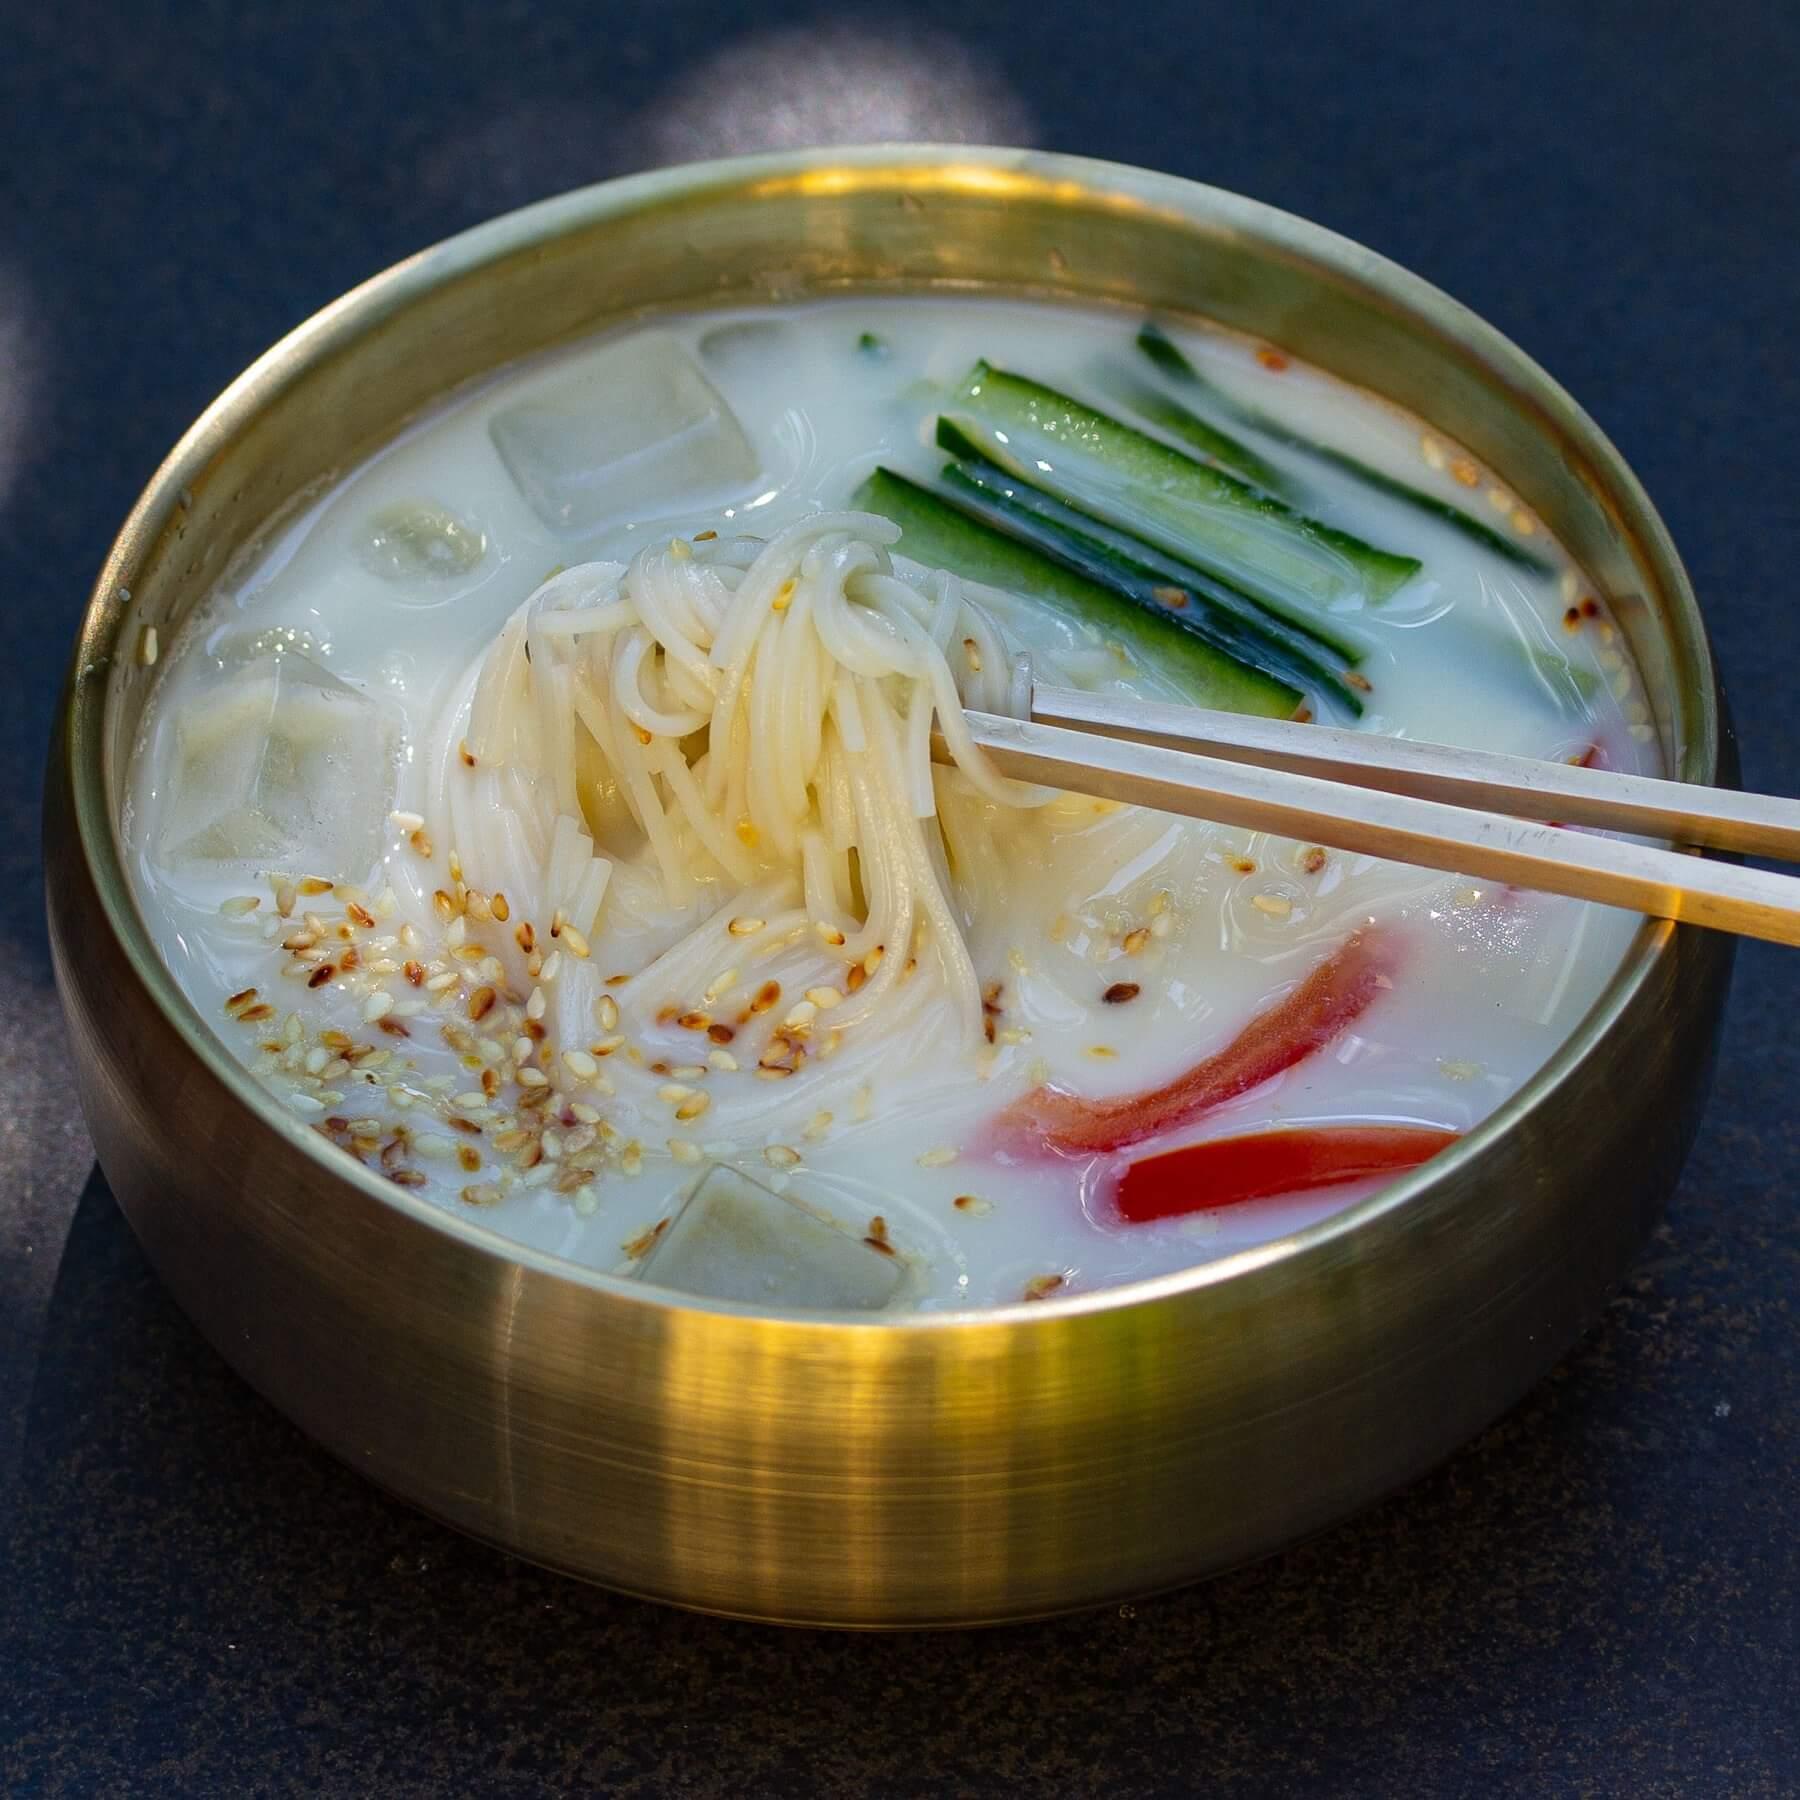 Erfrischende Sojamilch-Suppe aus Korea - Kong-Guksu